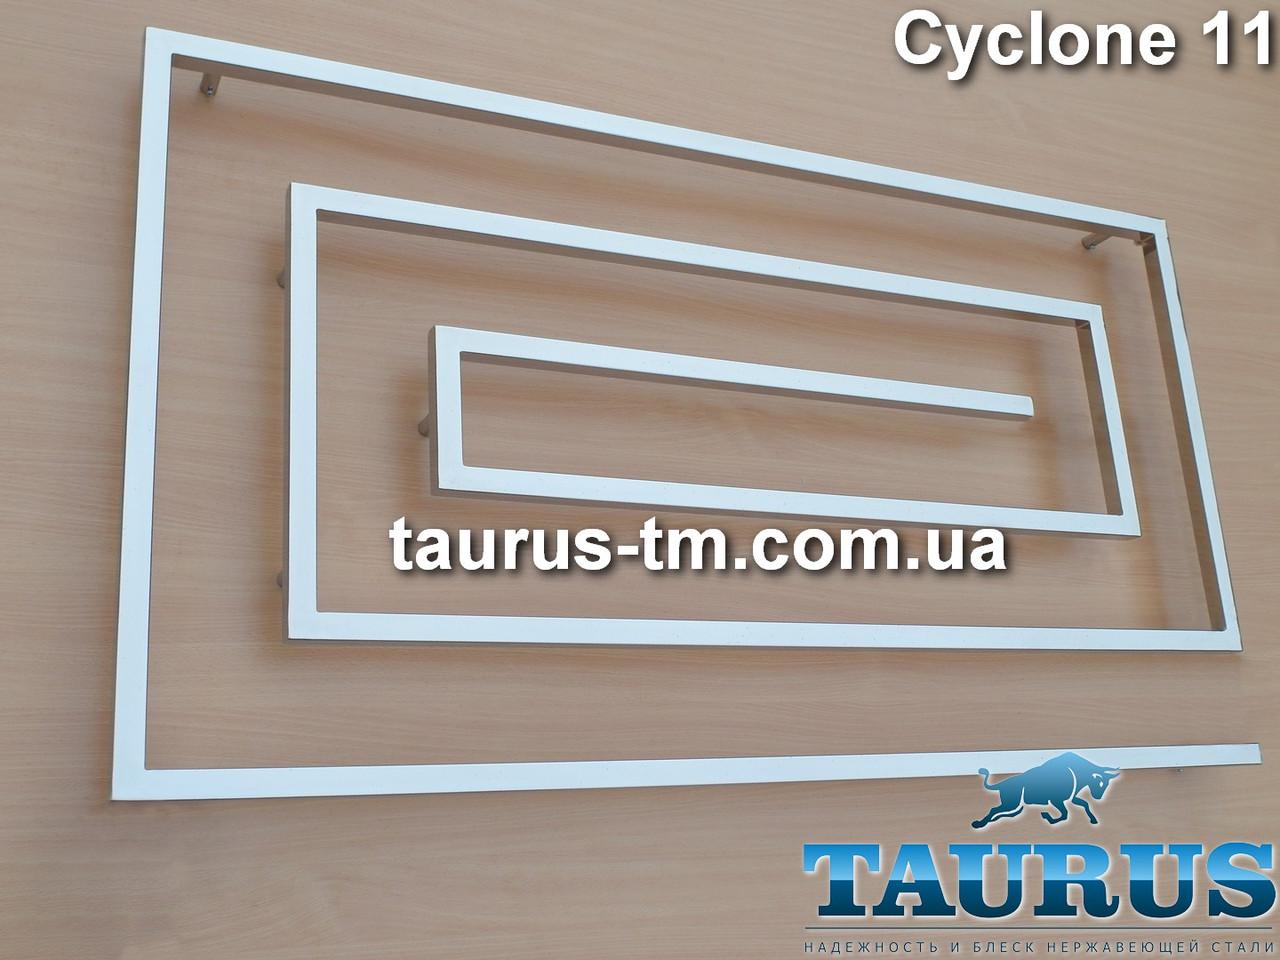 Шикарный широкий супер-полотенцесушитель Cyclone 11/830х1300 из нержавеющей стали. Квадратный дизайн